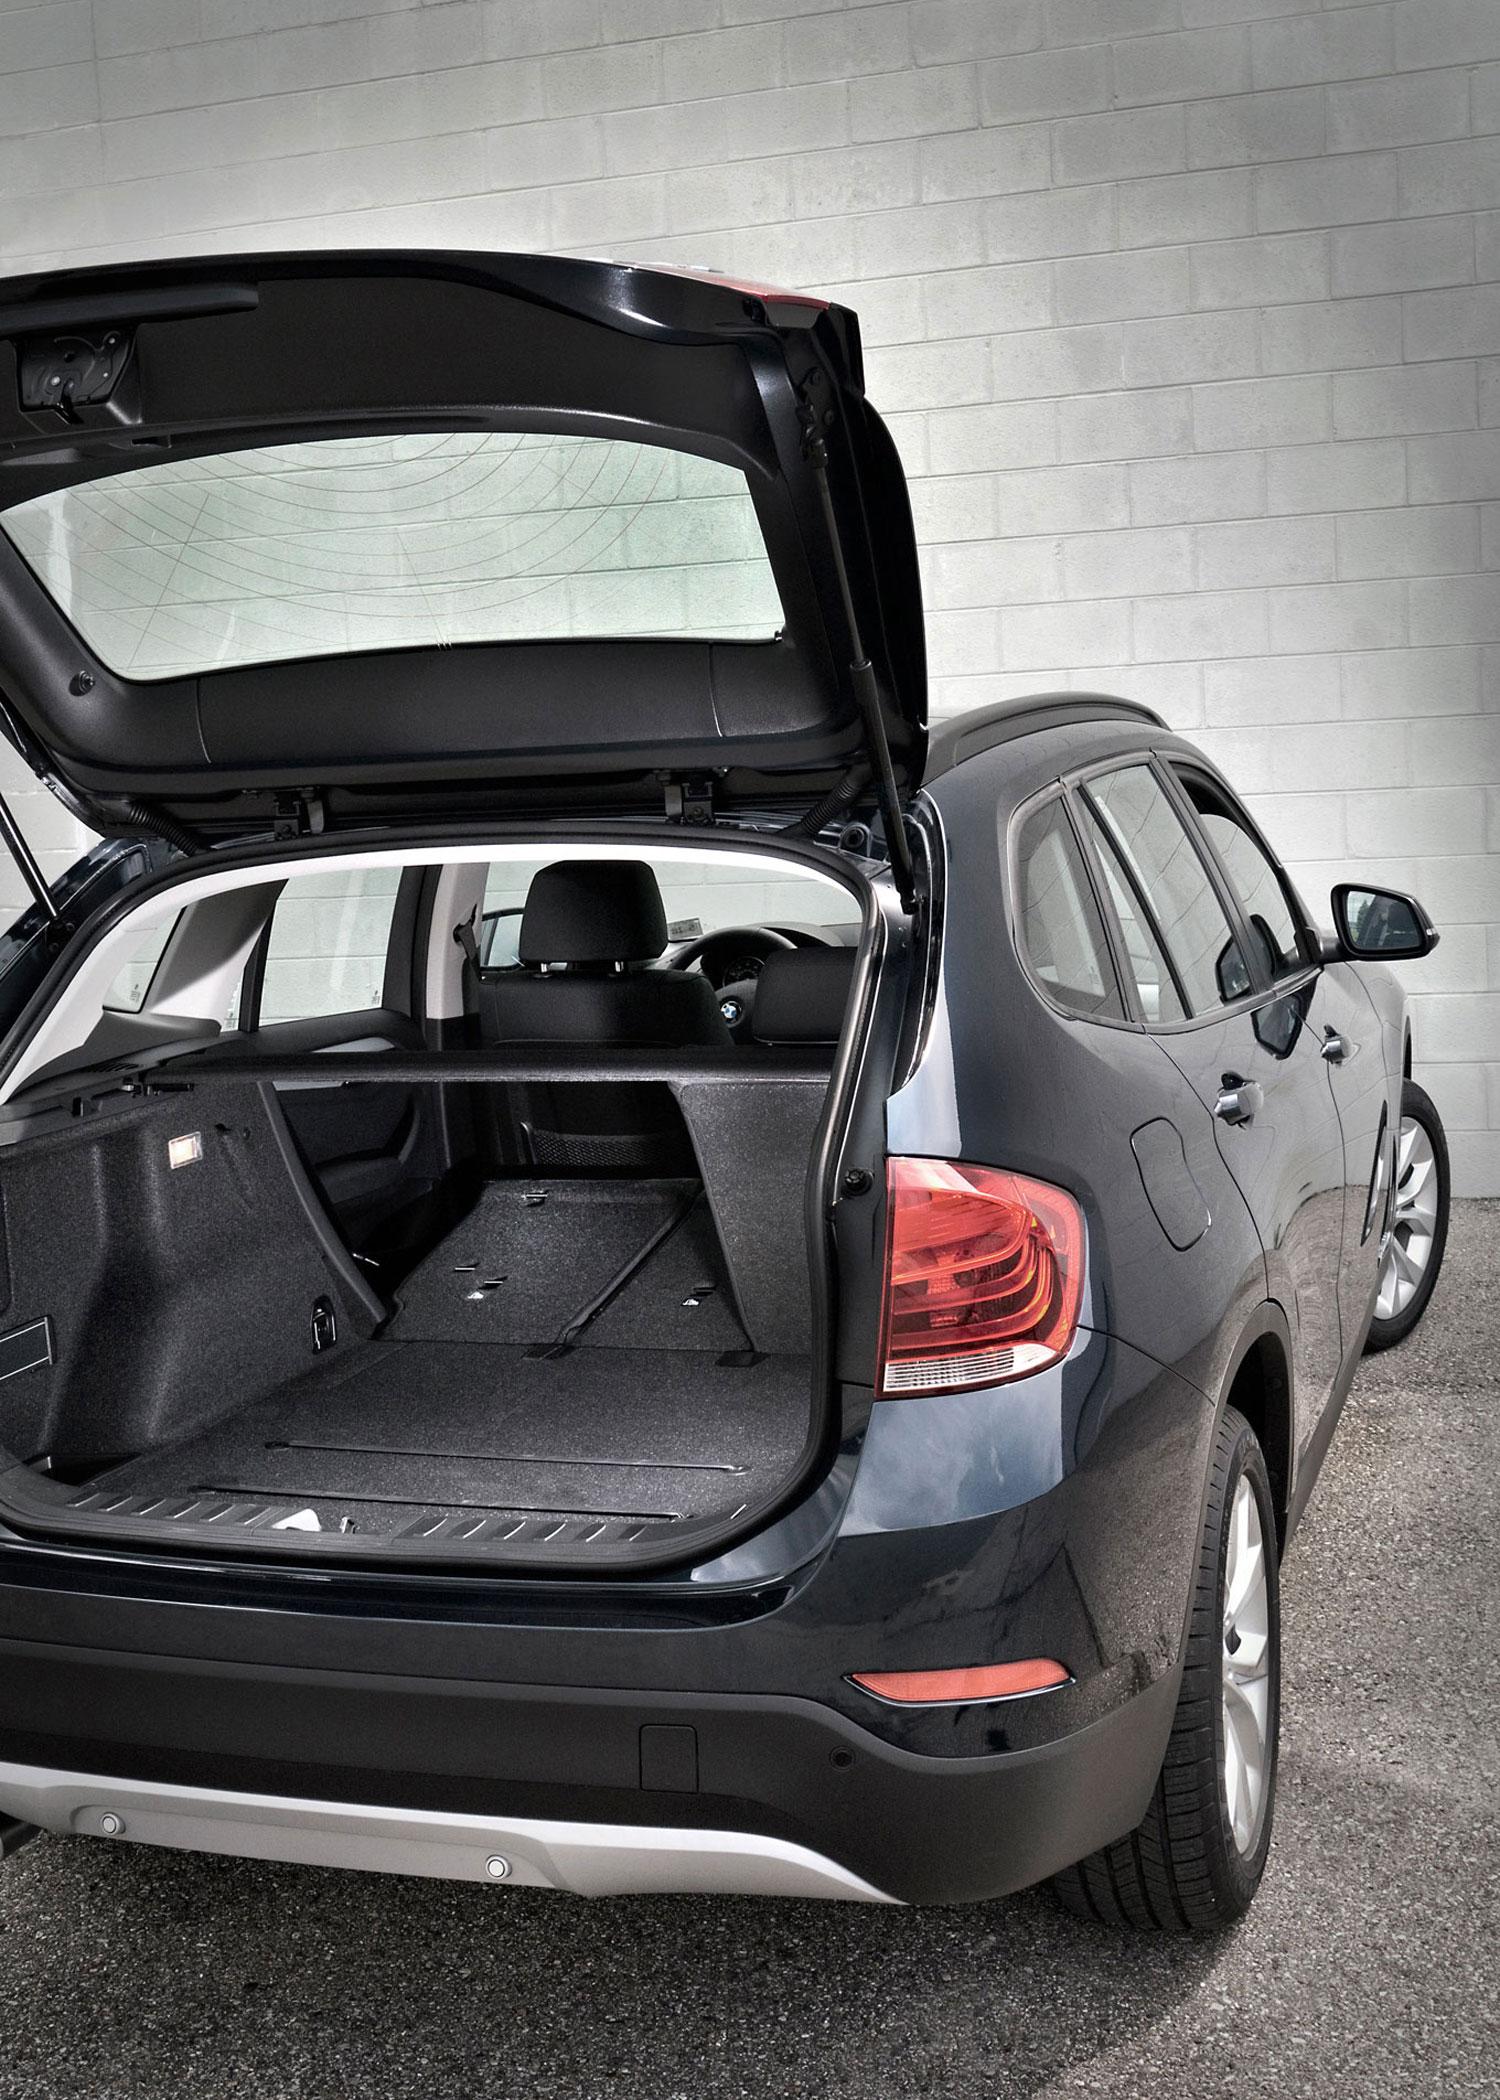 2020 BMW X1 Cargo Space